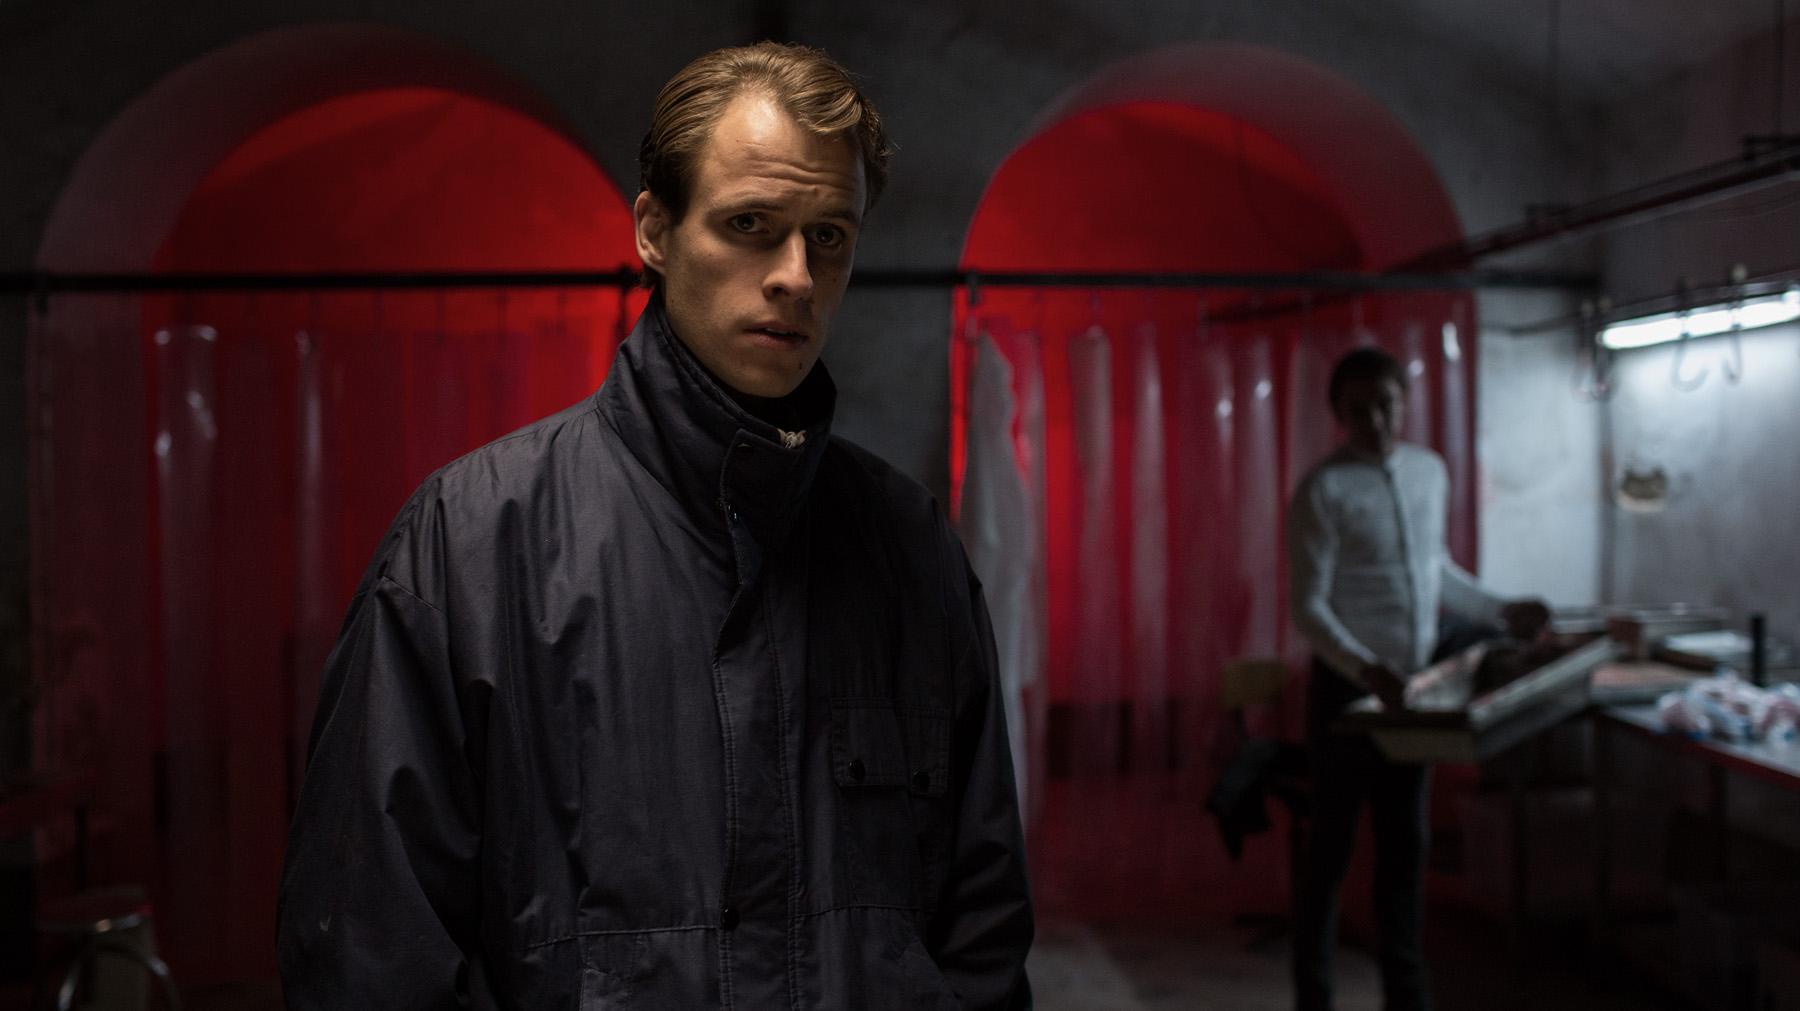 Matthieu Sys in MAW directed by Jasper Vrancken - DoP Hyun De Grande - Courtesy Skladanowsky